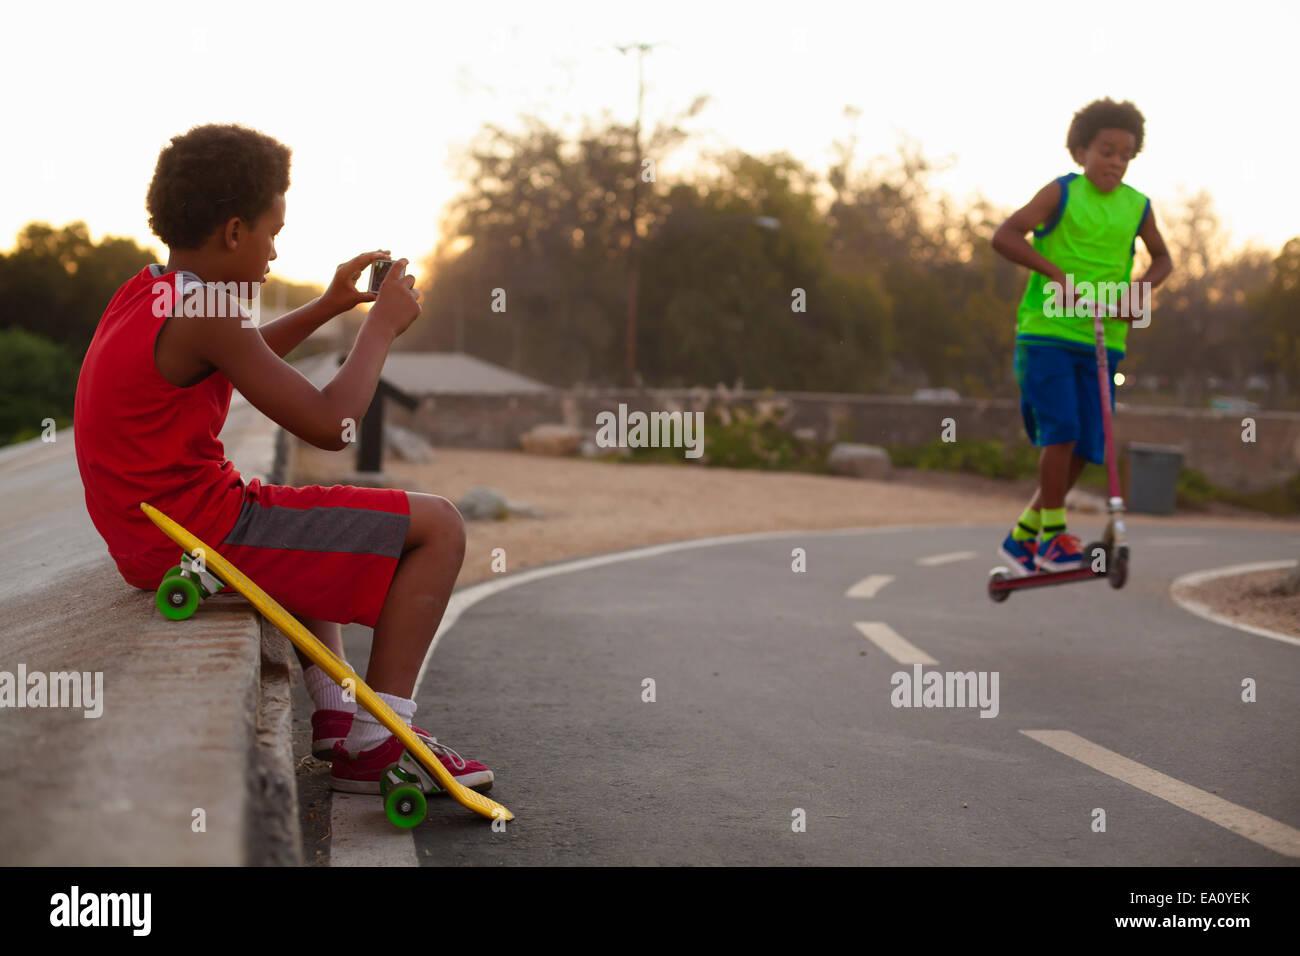 Junge fotografieren Bruder tun Push Scooter Sprung auf Straße Stockbild